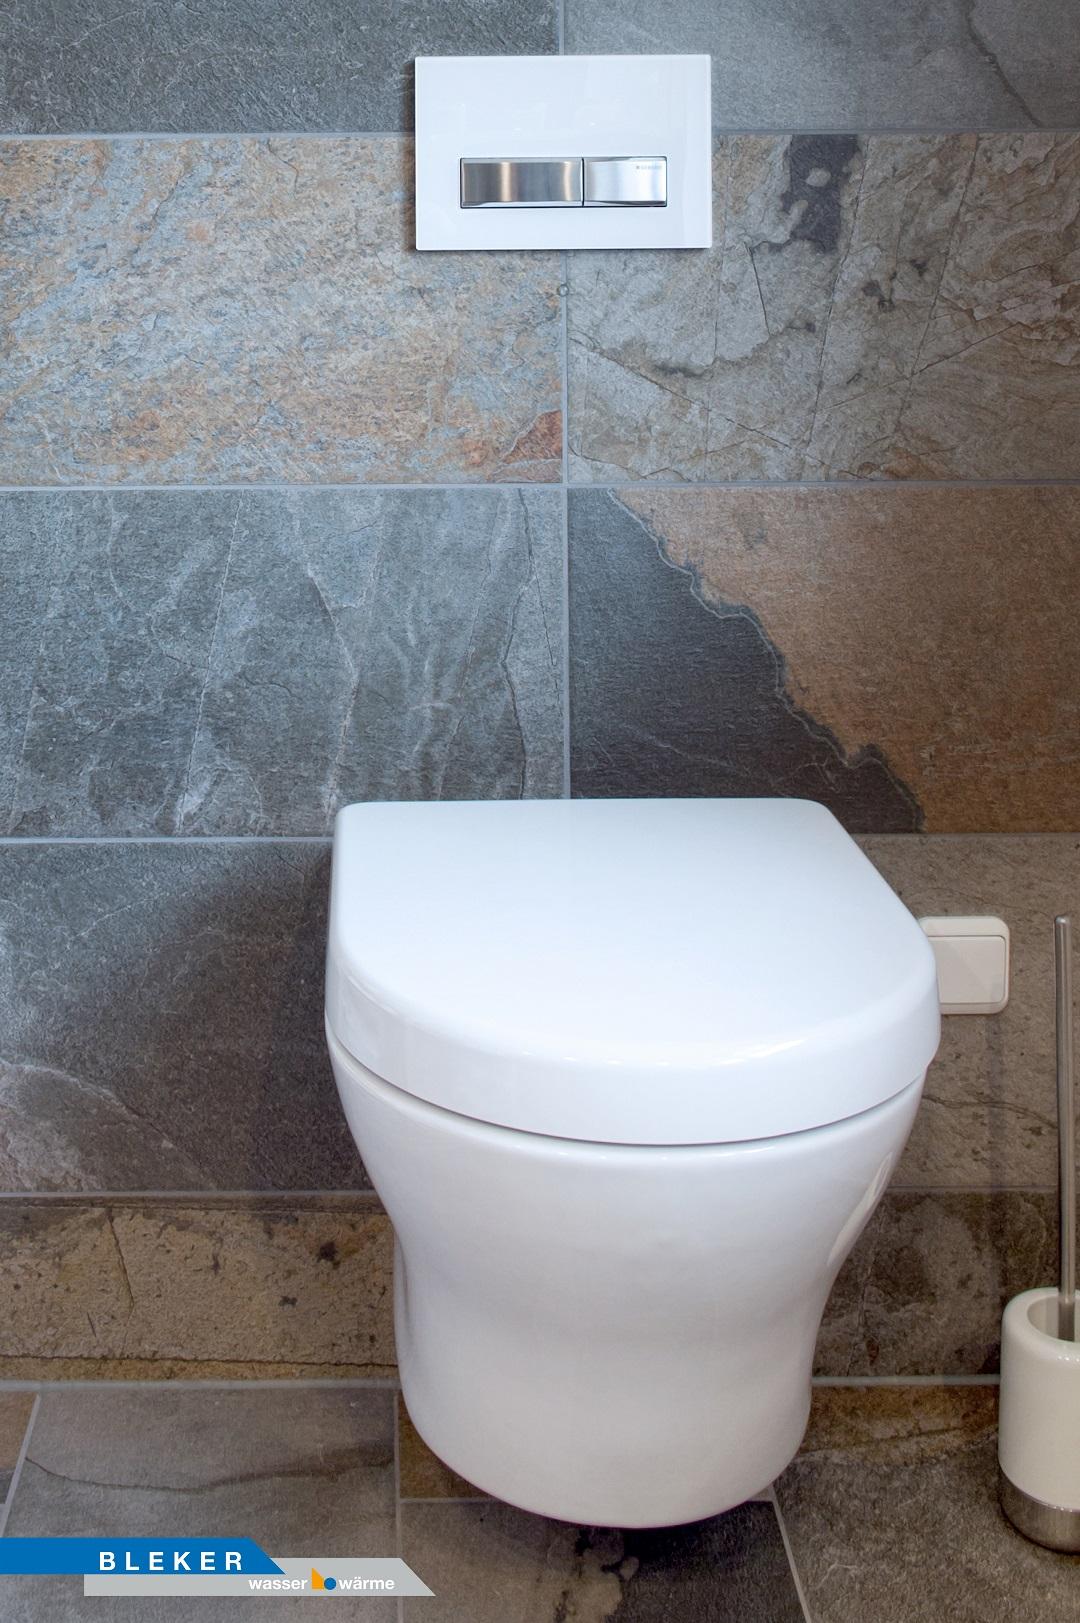 Bad mit WC und Glas-Edelstahl-Drücker Wand-Natursteinfliesen